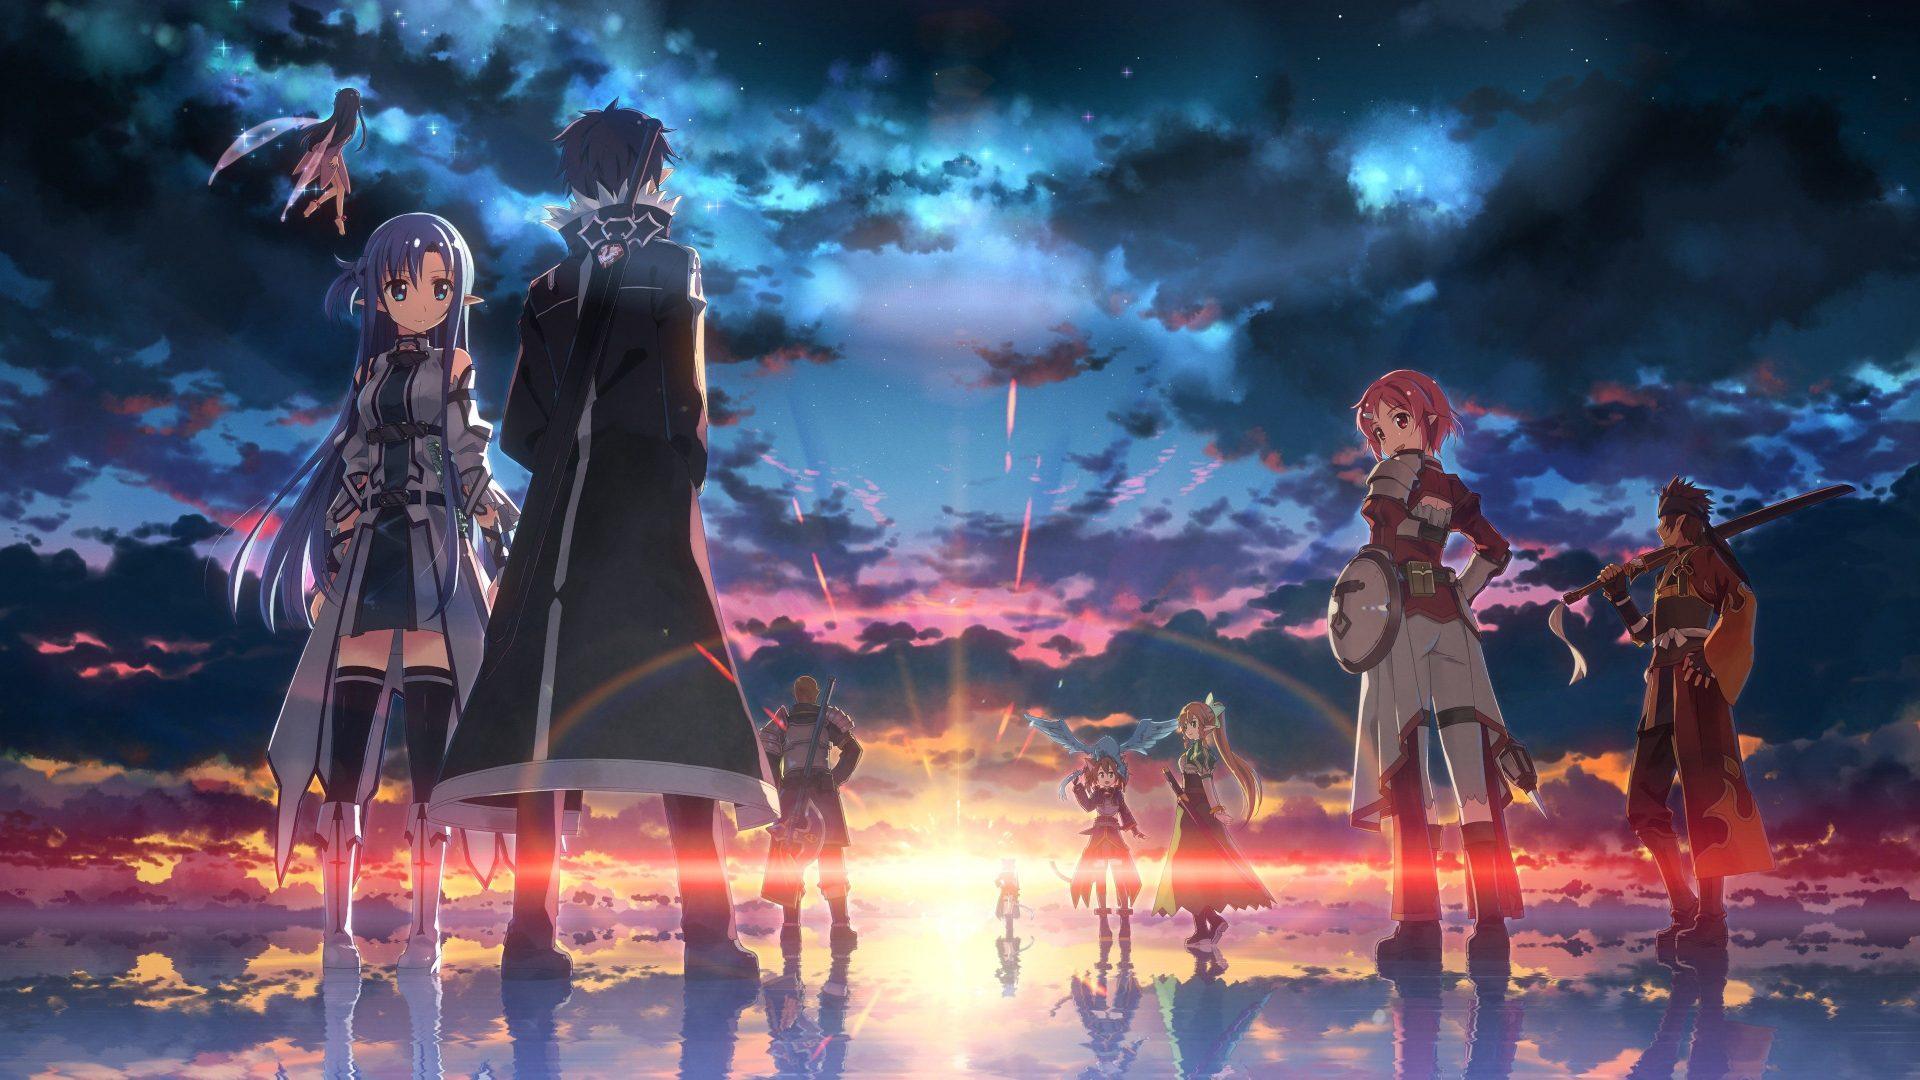 Hình nền Anime 4K tốt nhất 25